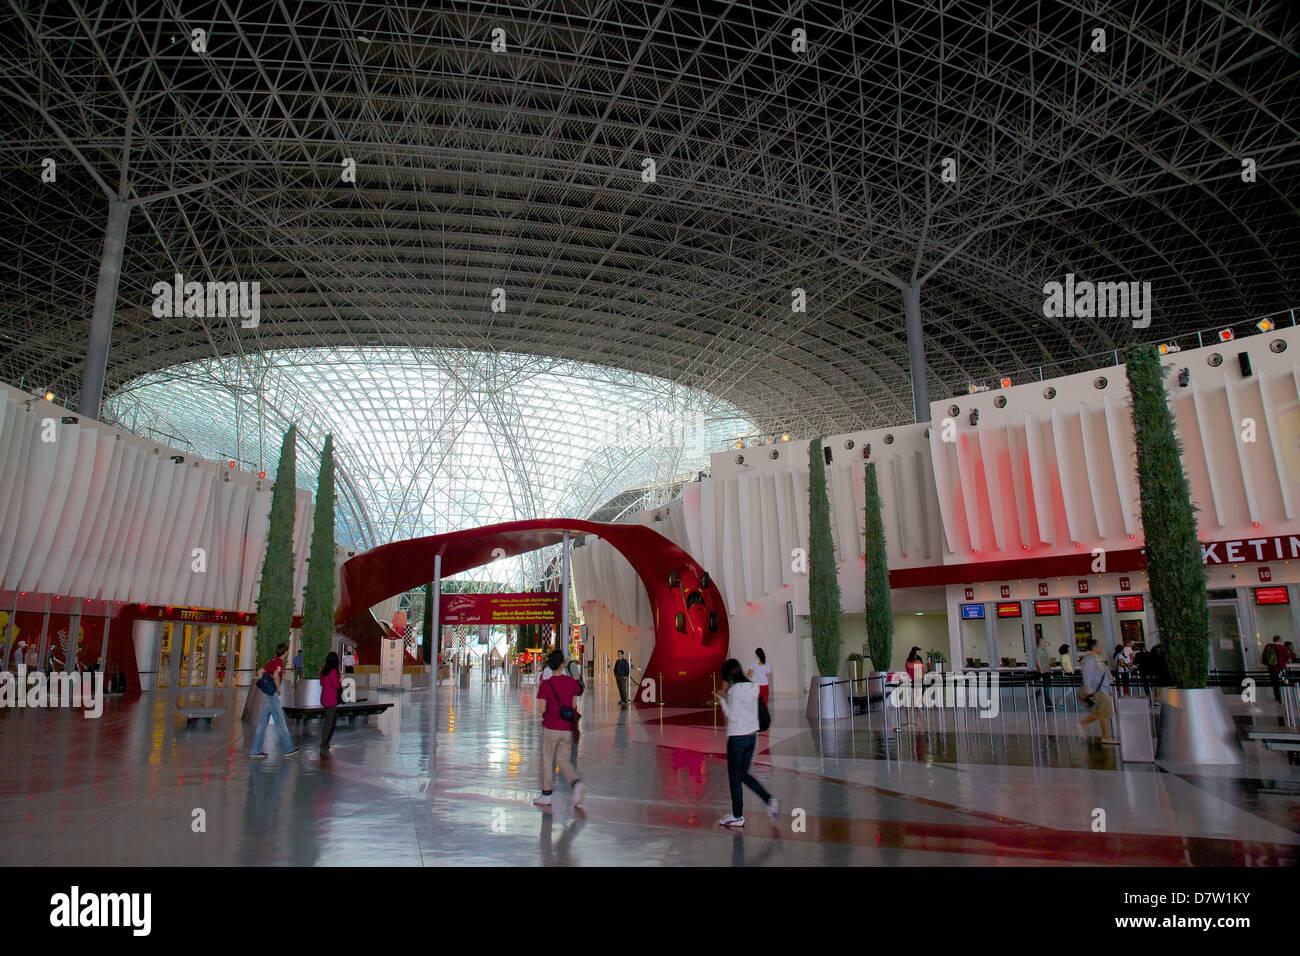 Entrance, Ferrari World, Yas Island, Abu Dhabi, United Arab Emirates, Middle East - Stock Image